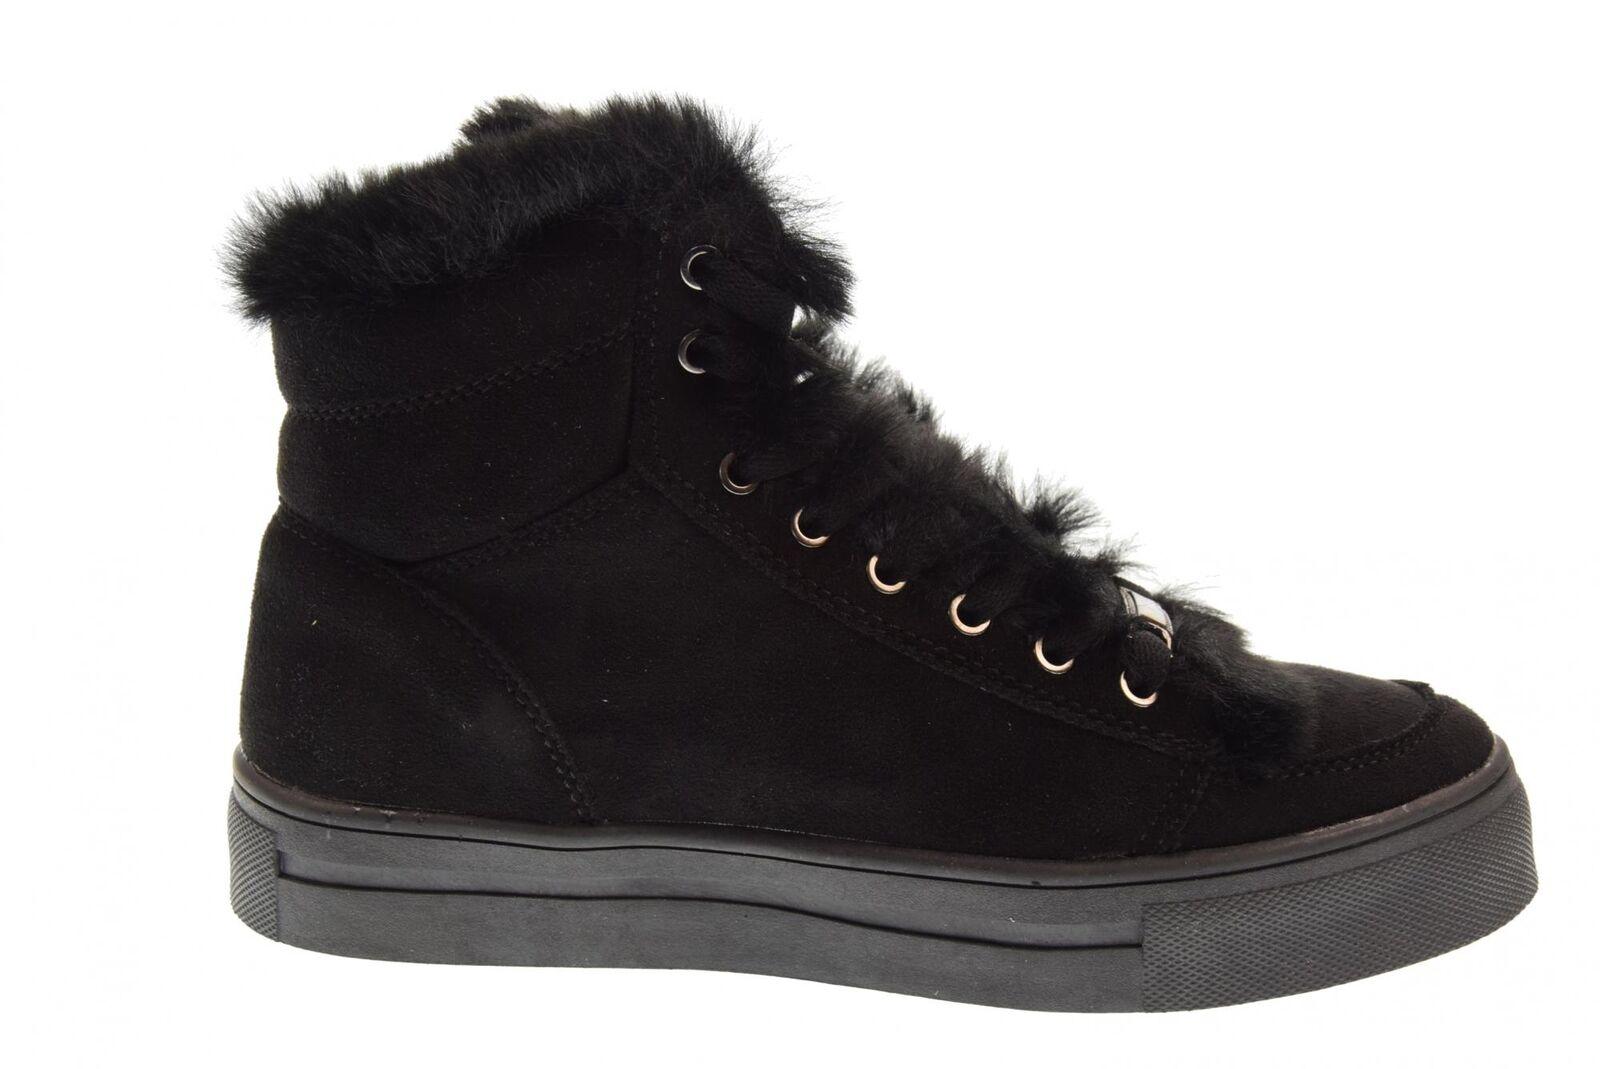 B3d Schuhes A18g A18g A18g Schuhe Frau Turnschuhe hoch 41542 schwarz 3161df